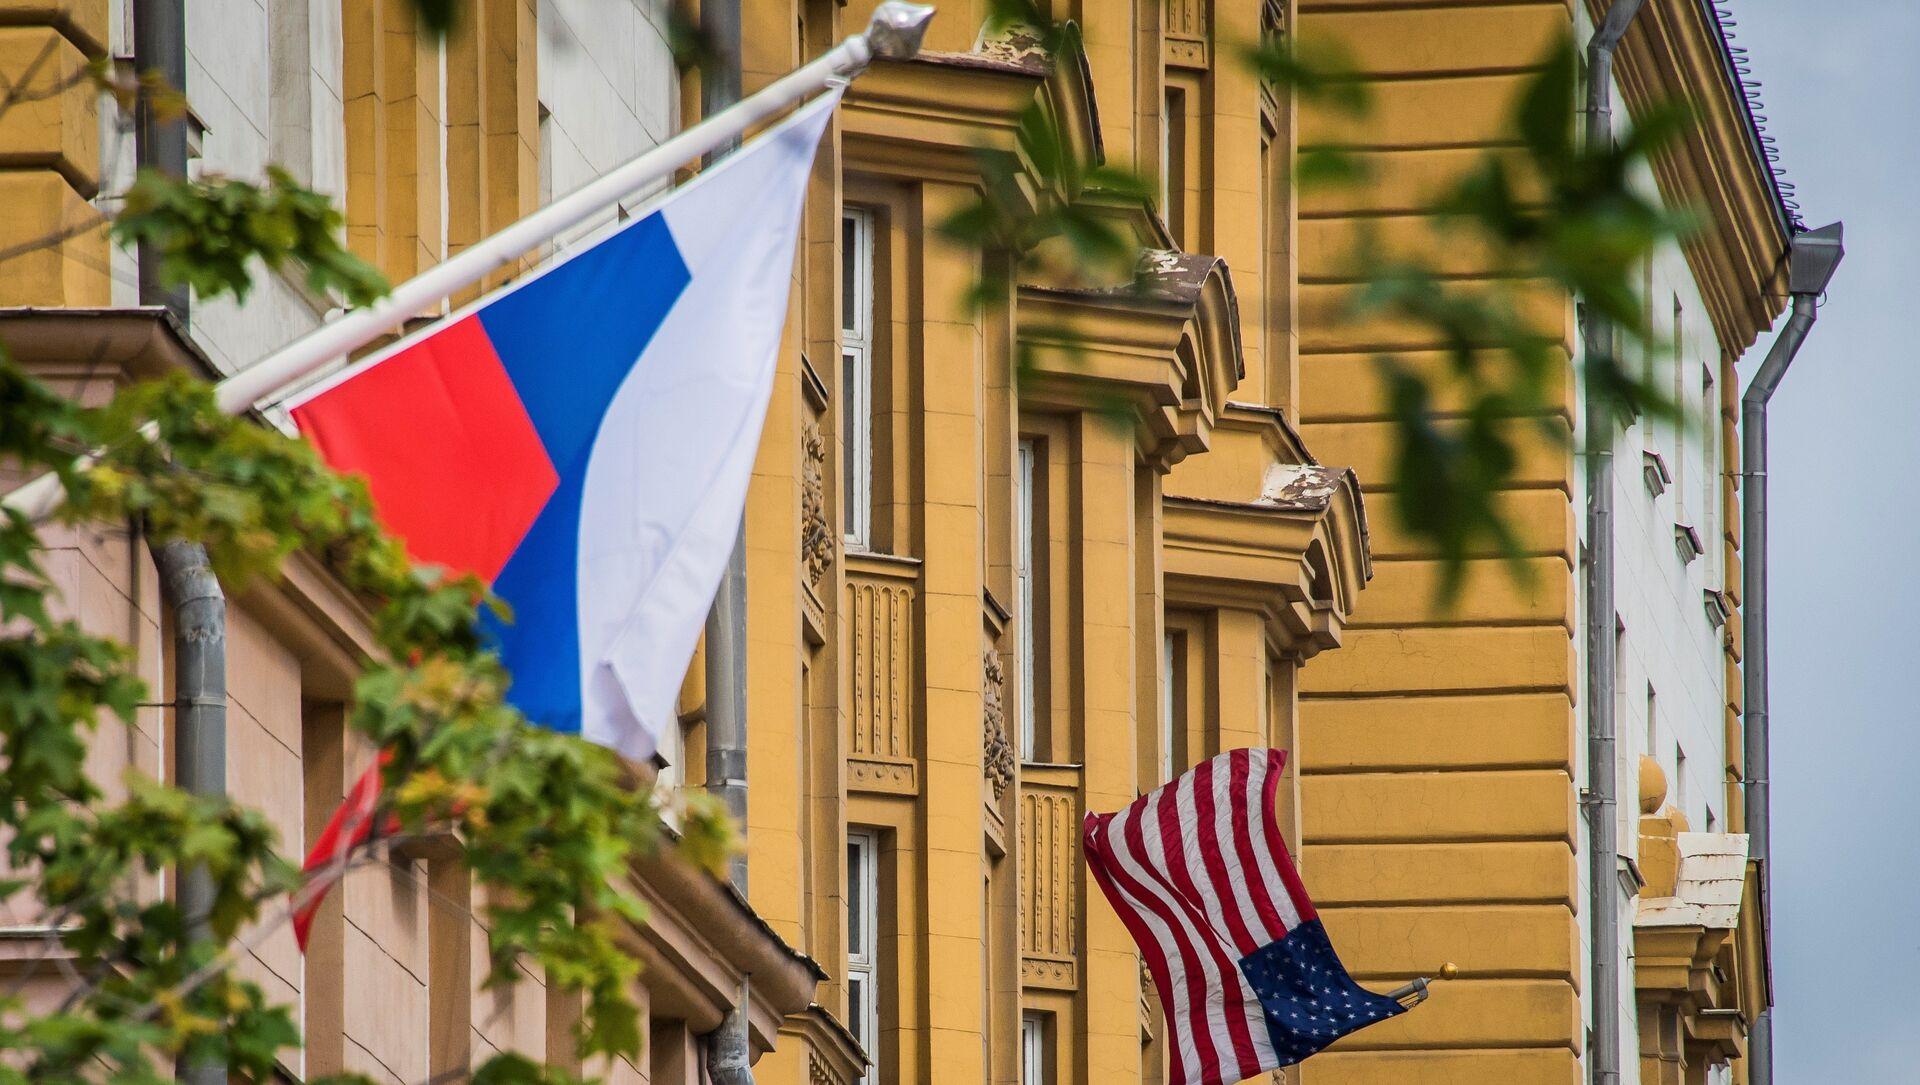 Флаги России и США перед зданием посольства Соединенных Штатов Америки в Москве, 30 июля 2017 года - Sputnik Азербайджан, 1920, 09.07.2021